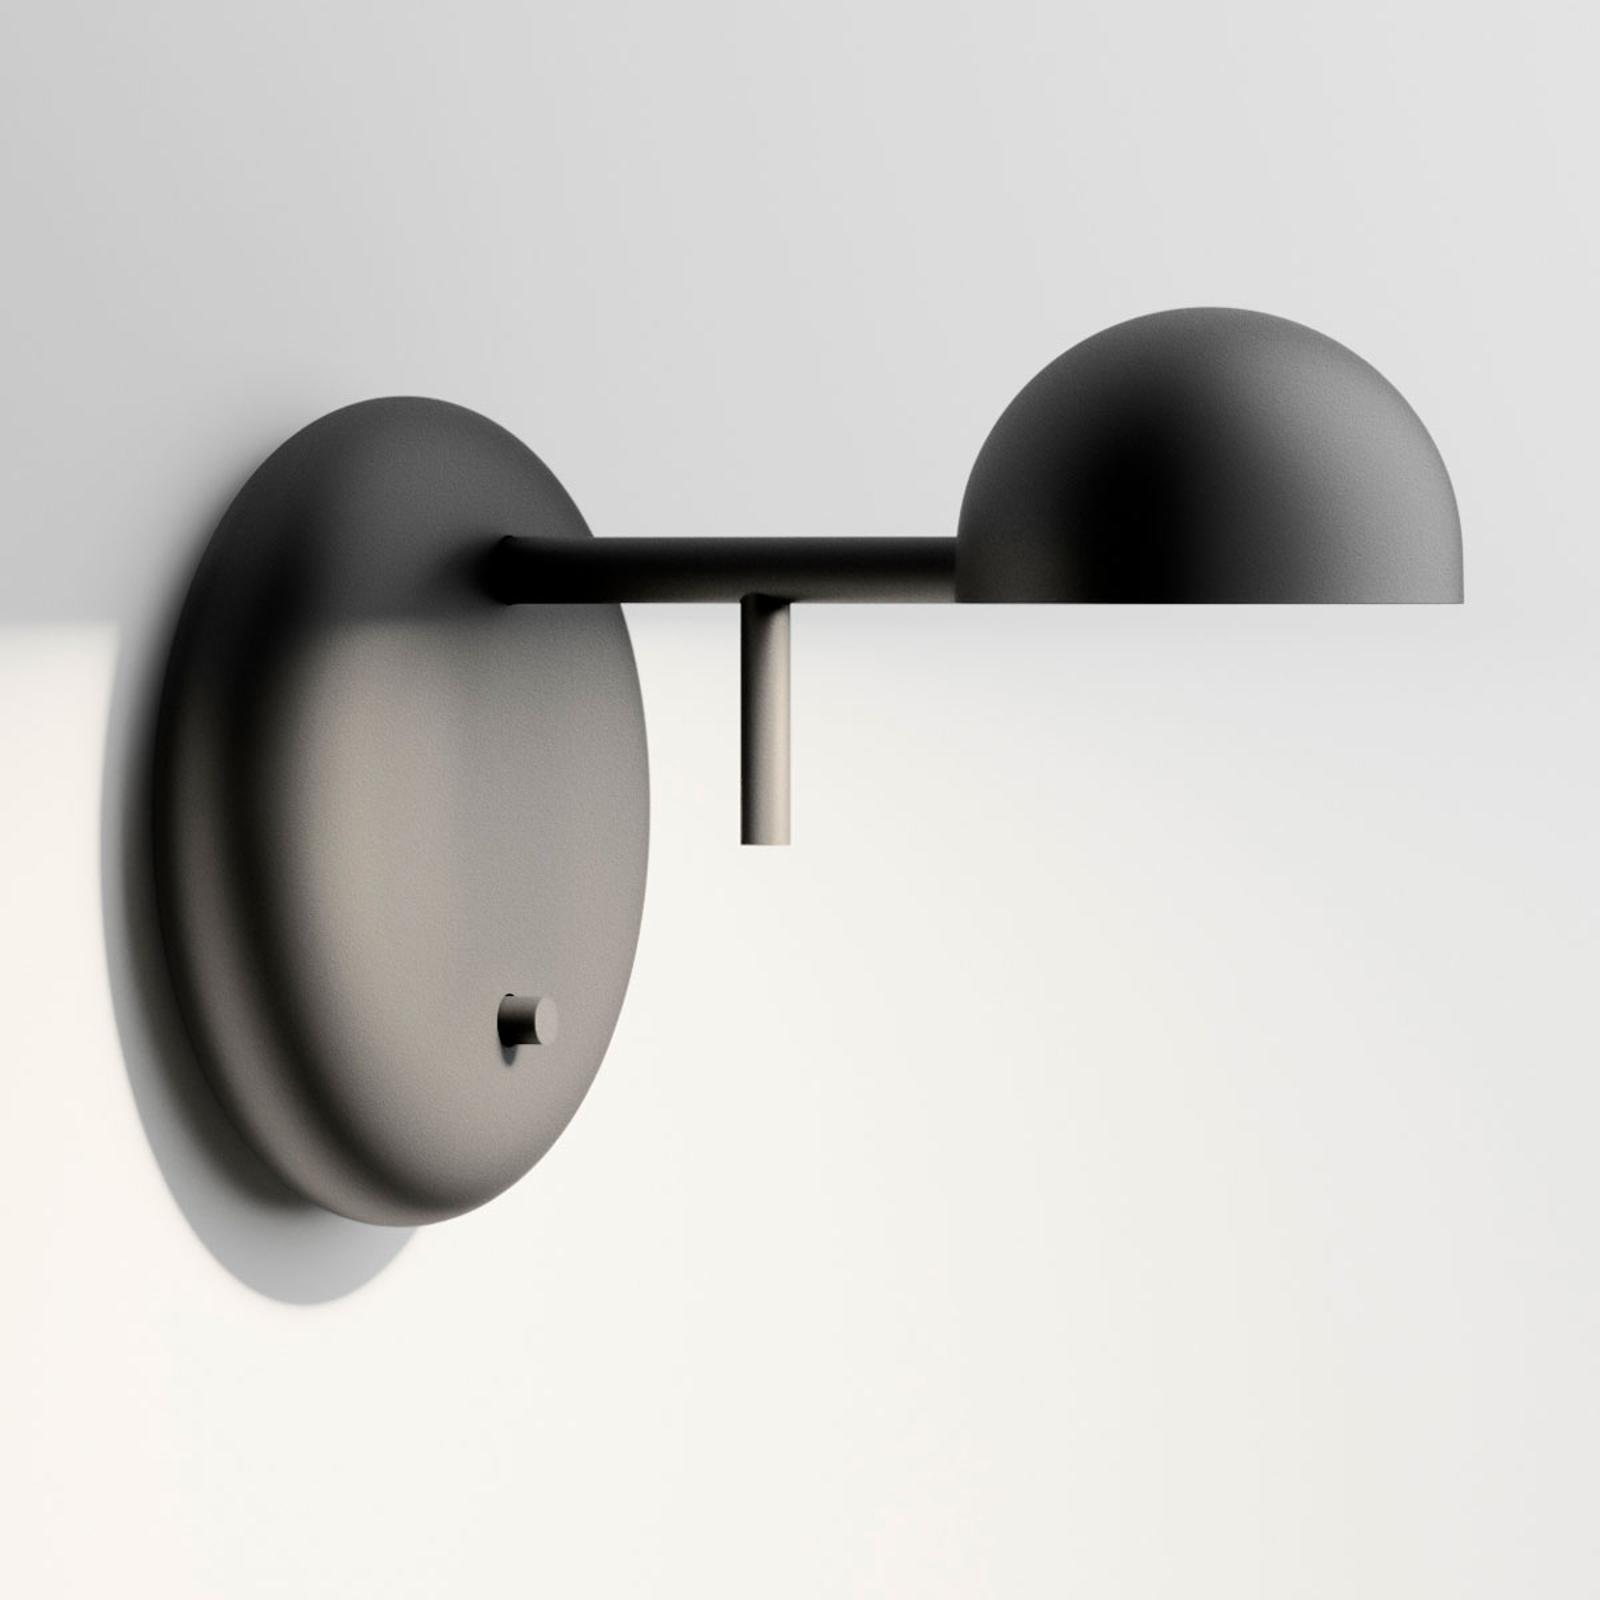 Vibia Pin 1675 LED-seinävalaisin, 11 cm, musta